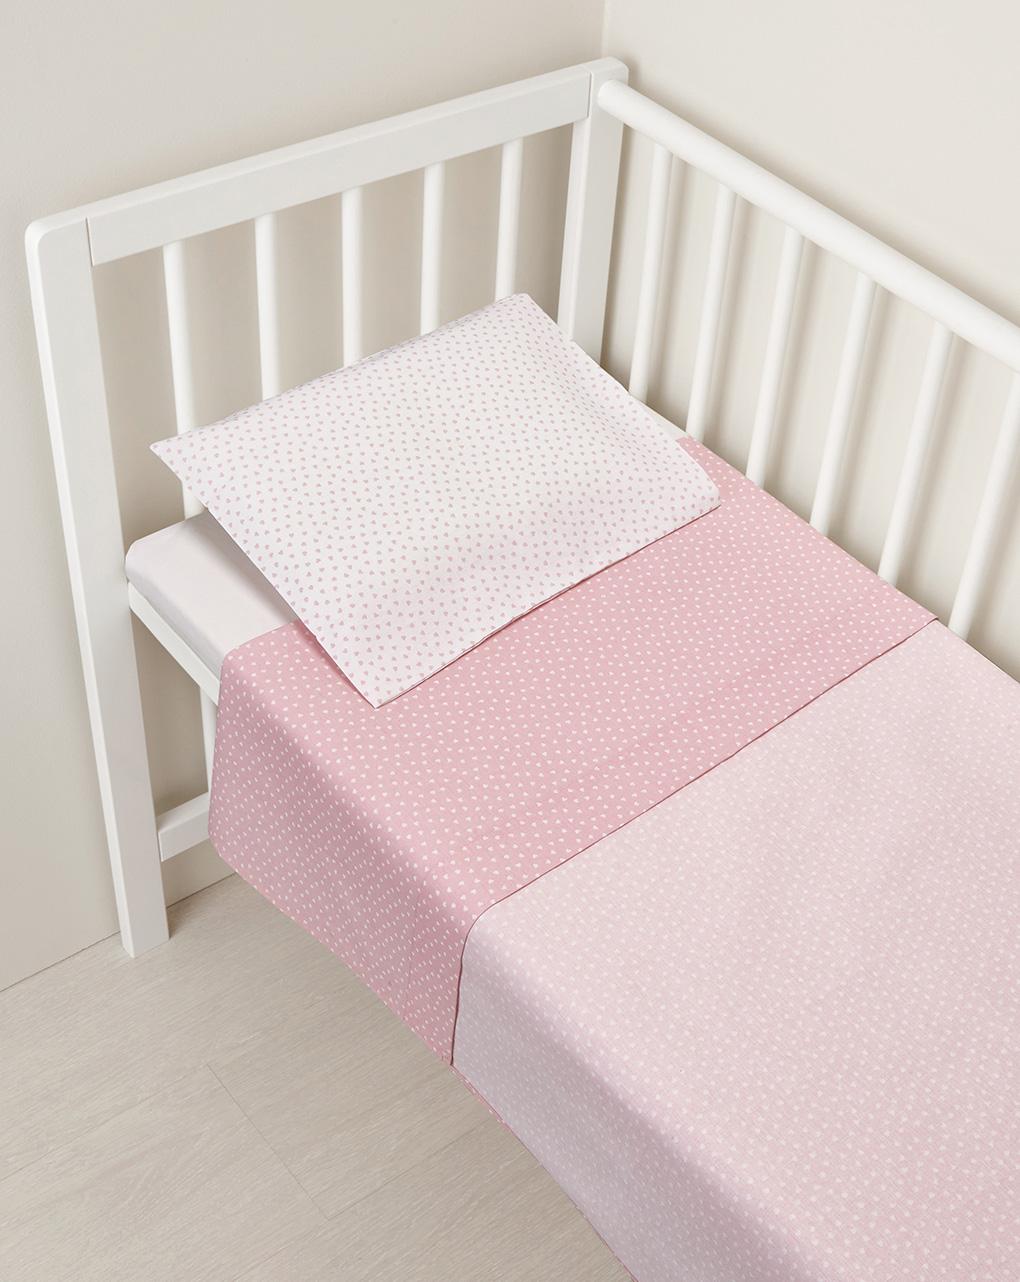 Culla/carrozzina - parure per culla 2 pezzi rosa con cuori - Prénatal